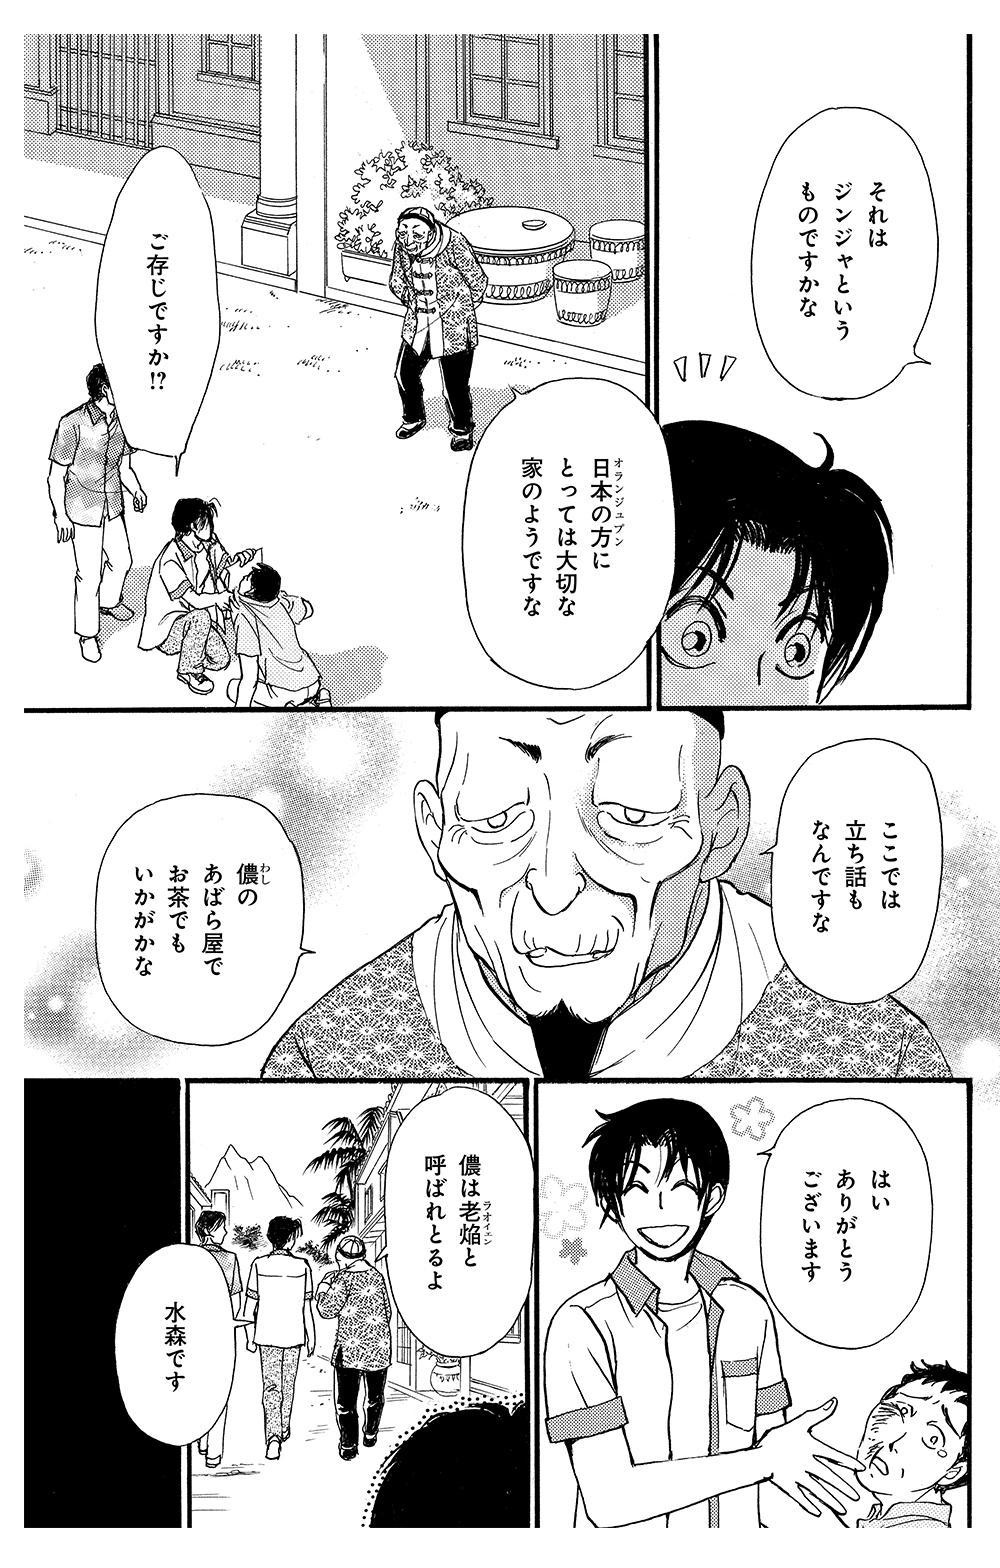 くにのまほろば 第1話 ①kunimaho01-10.jpg